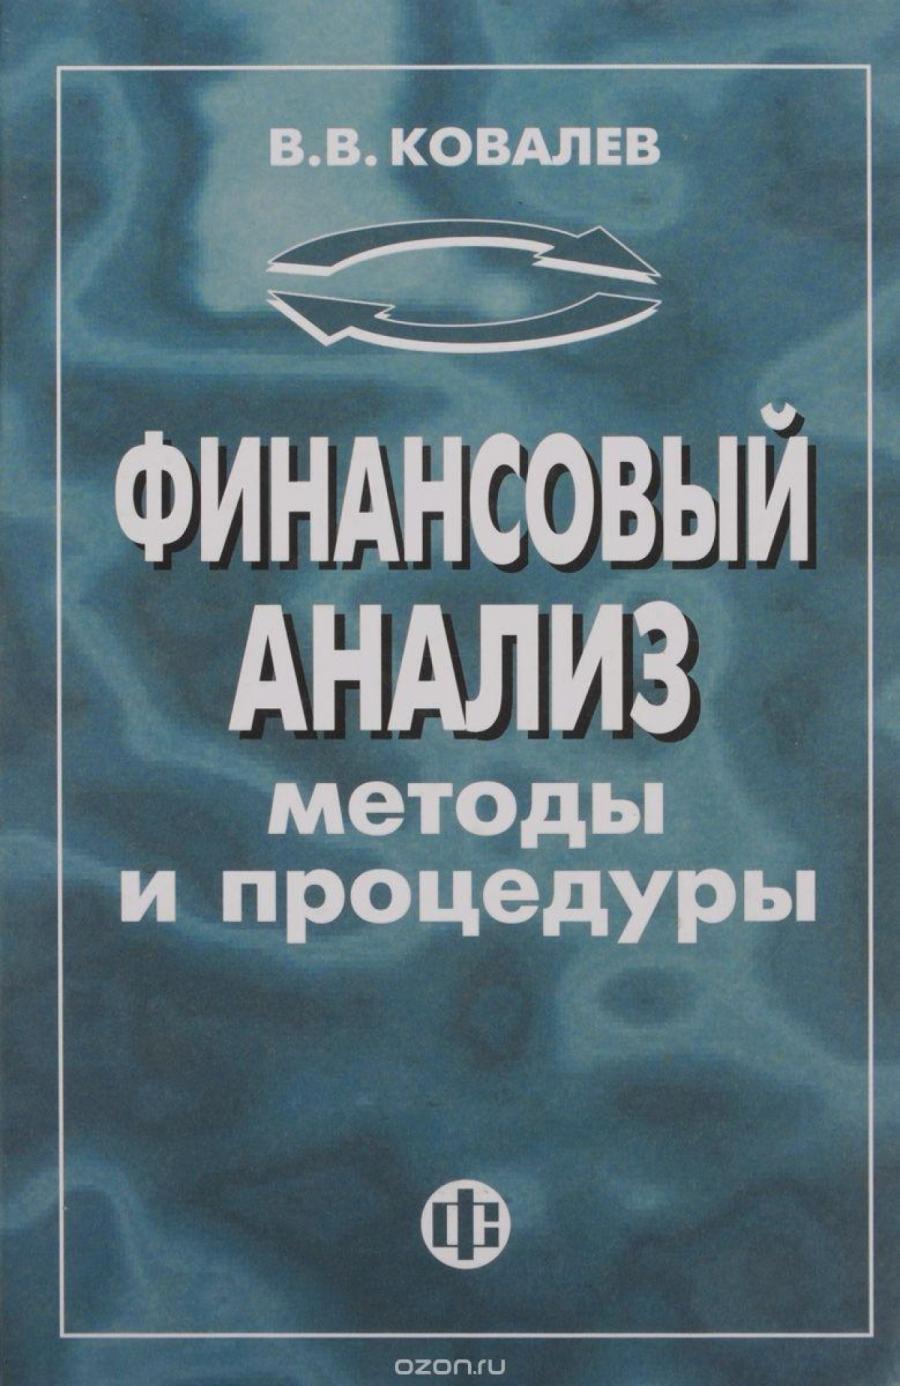 Обложка книги:  в. в. ковалев - финансовый анализ. методы и процедуры